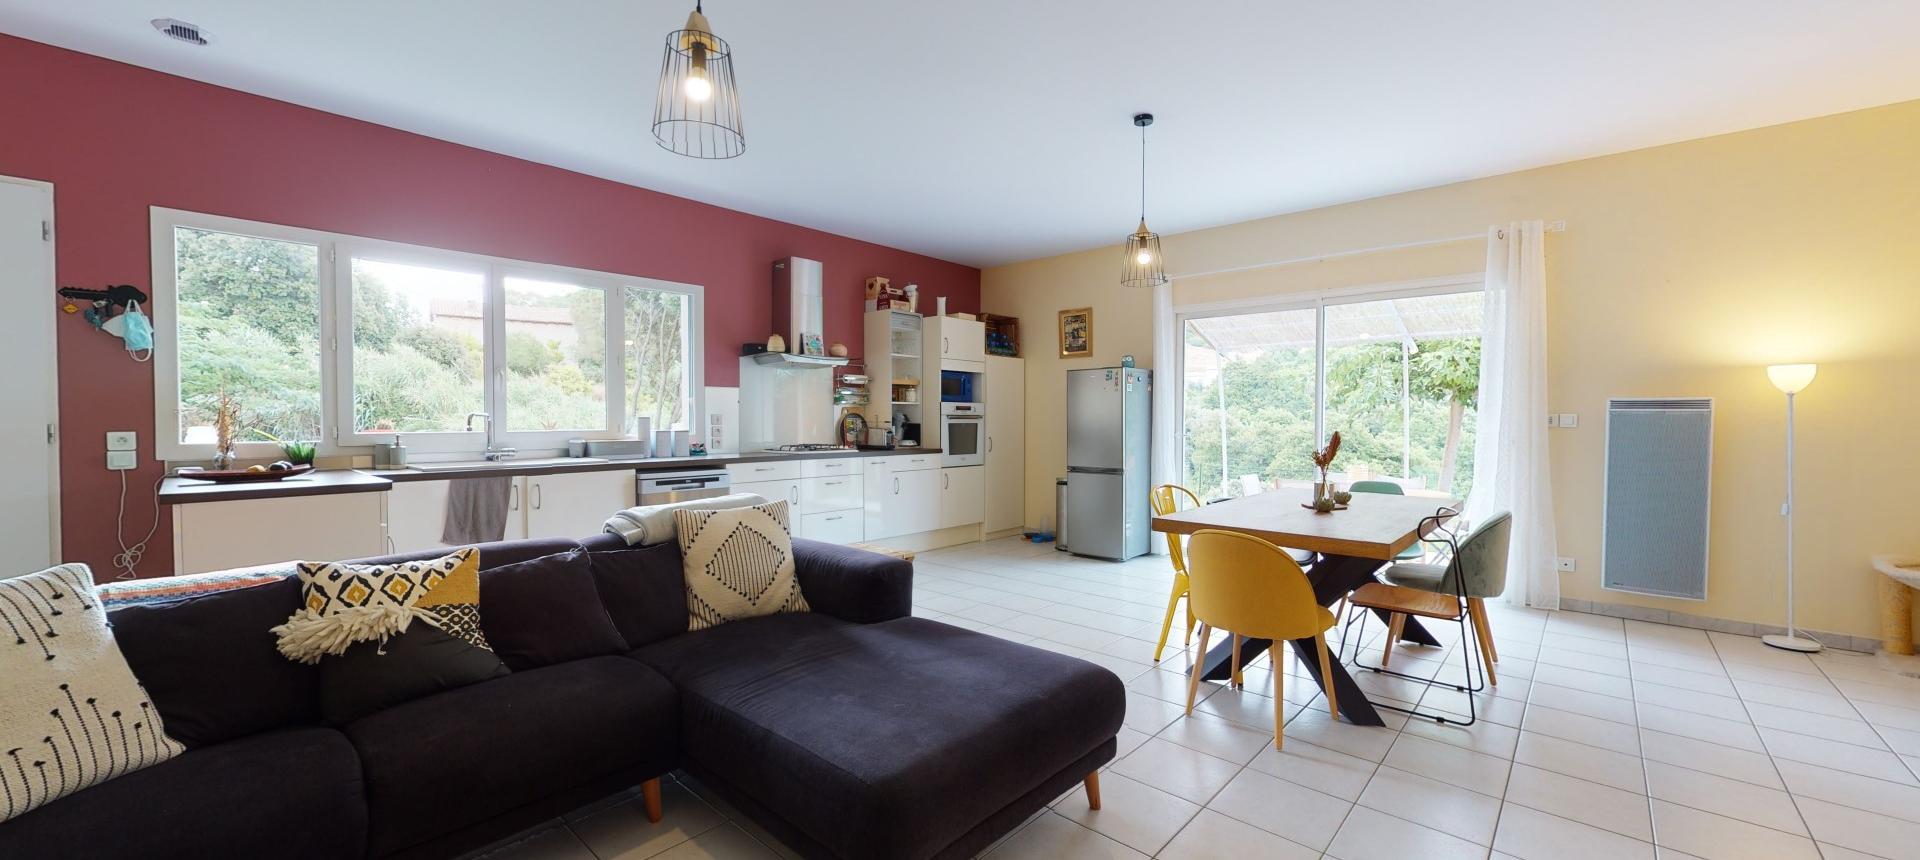 Villa à vendre proche Ajaccio - San Benedetto - Vue séjour - RDJ